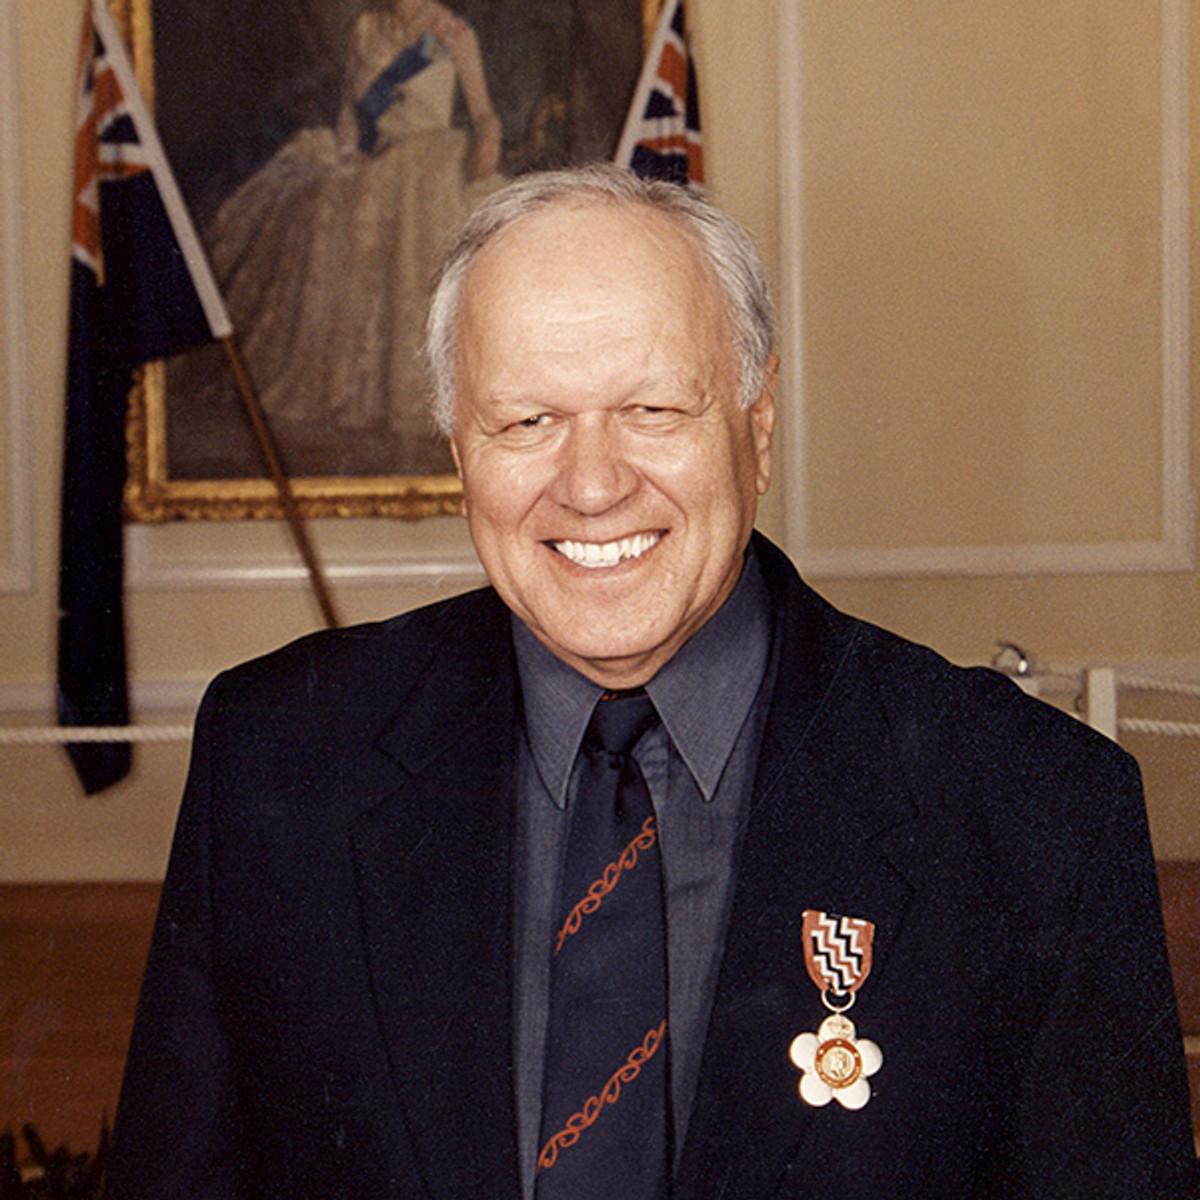 Wharehuia Milroy